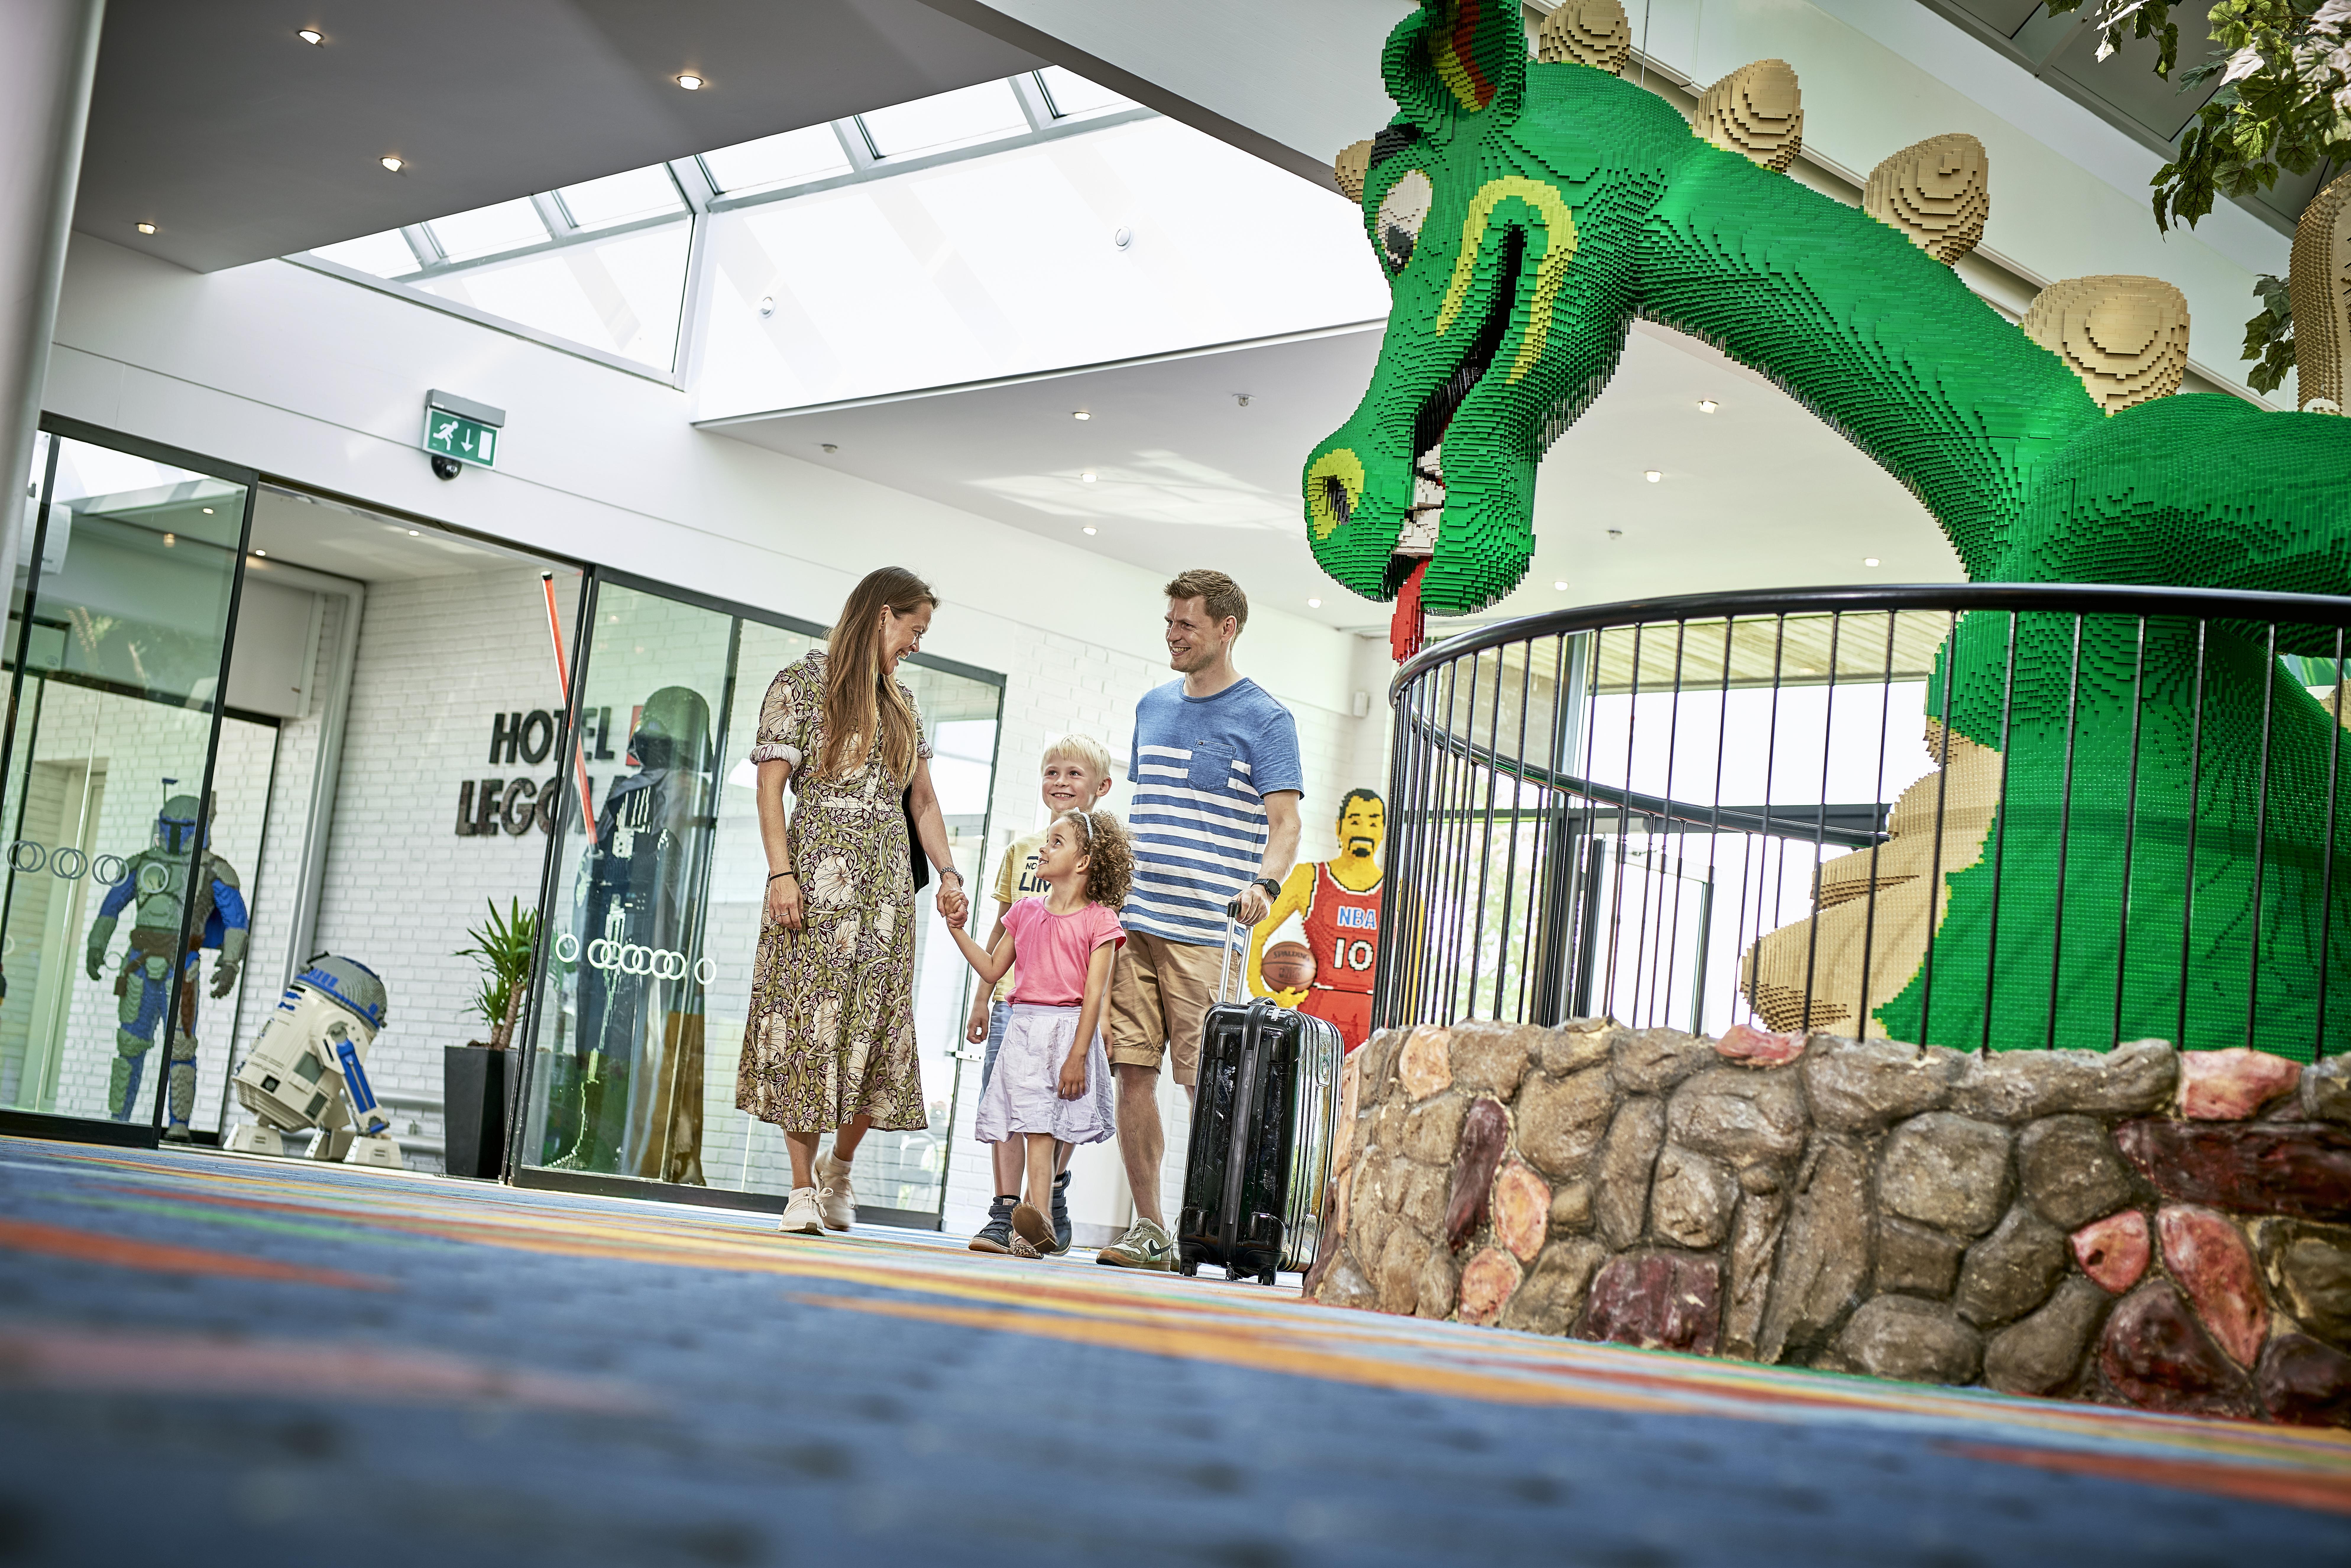 Hotel LEGOLAND med dinoer (Foto: LEGOLAND)